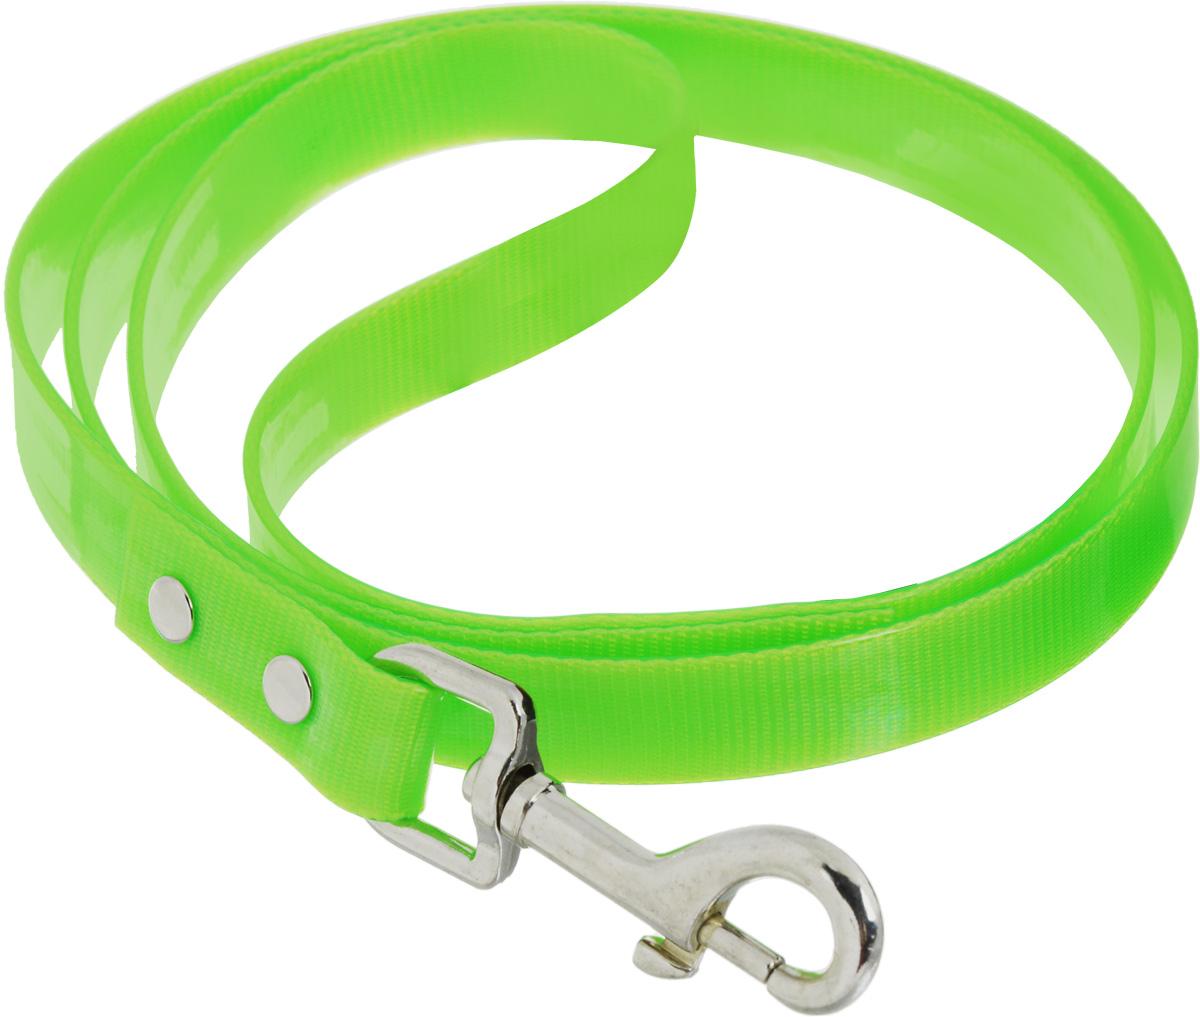 Поводок для собак Каскад Синтетик, цвет: салатовый, ширина 2 см, длина 2 м поводок для собак collar soft цвет коричневый диаметр 6 мм длина 1 83 м